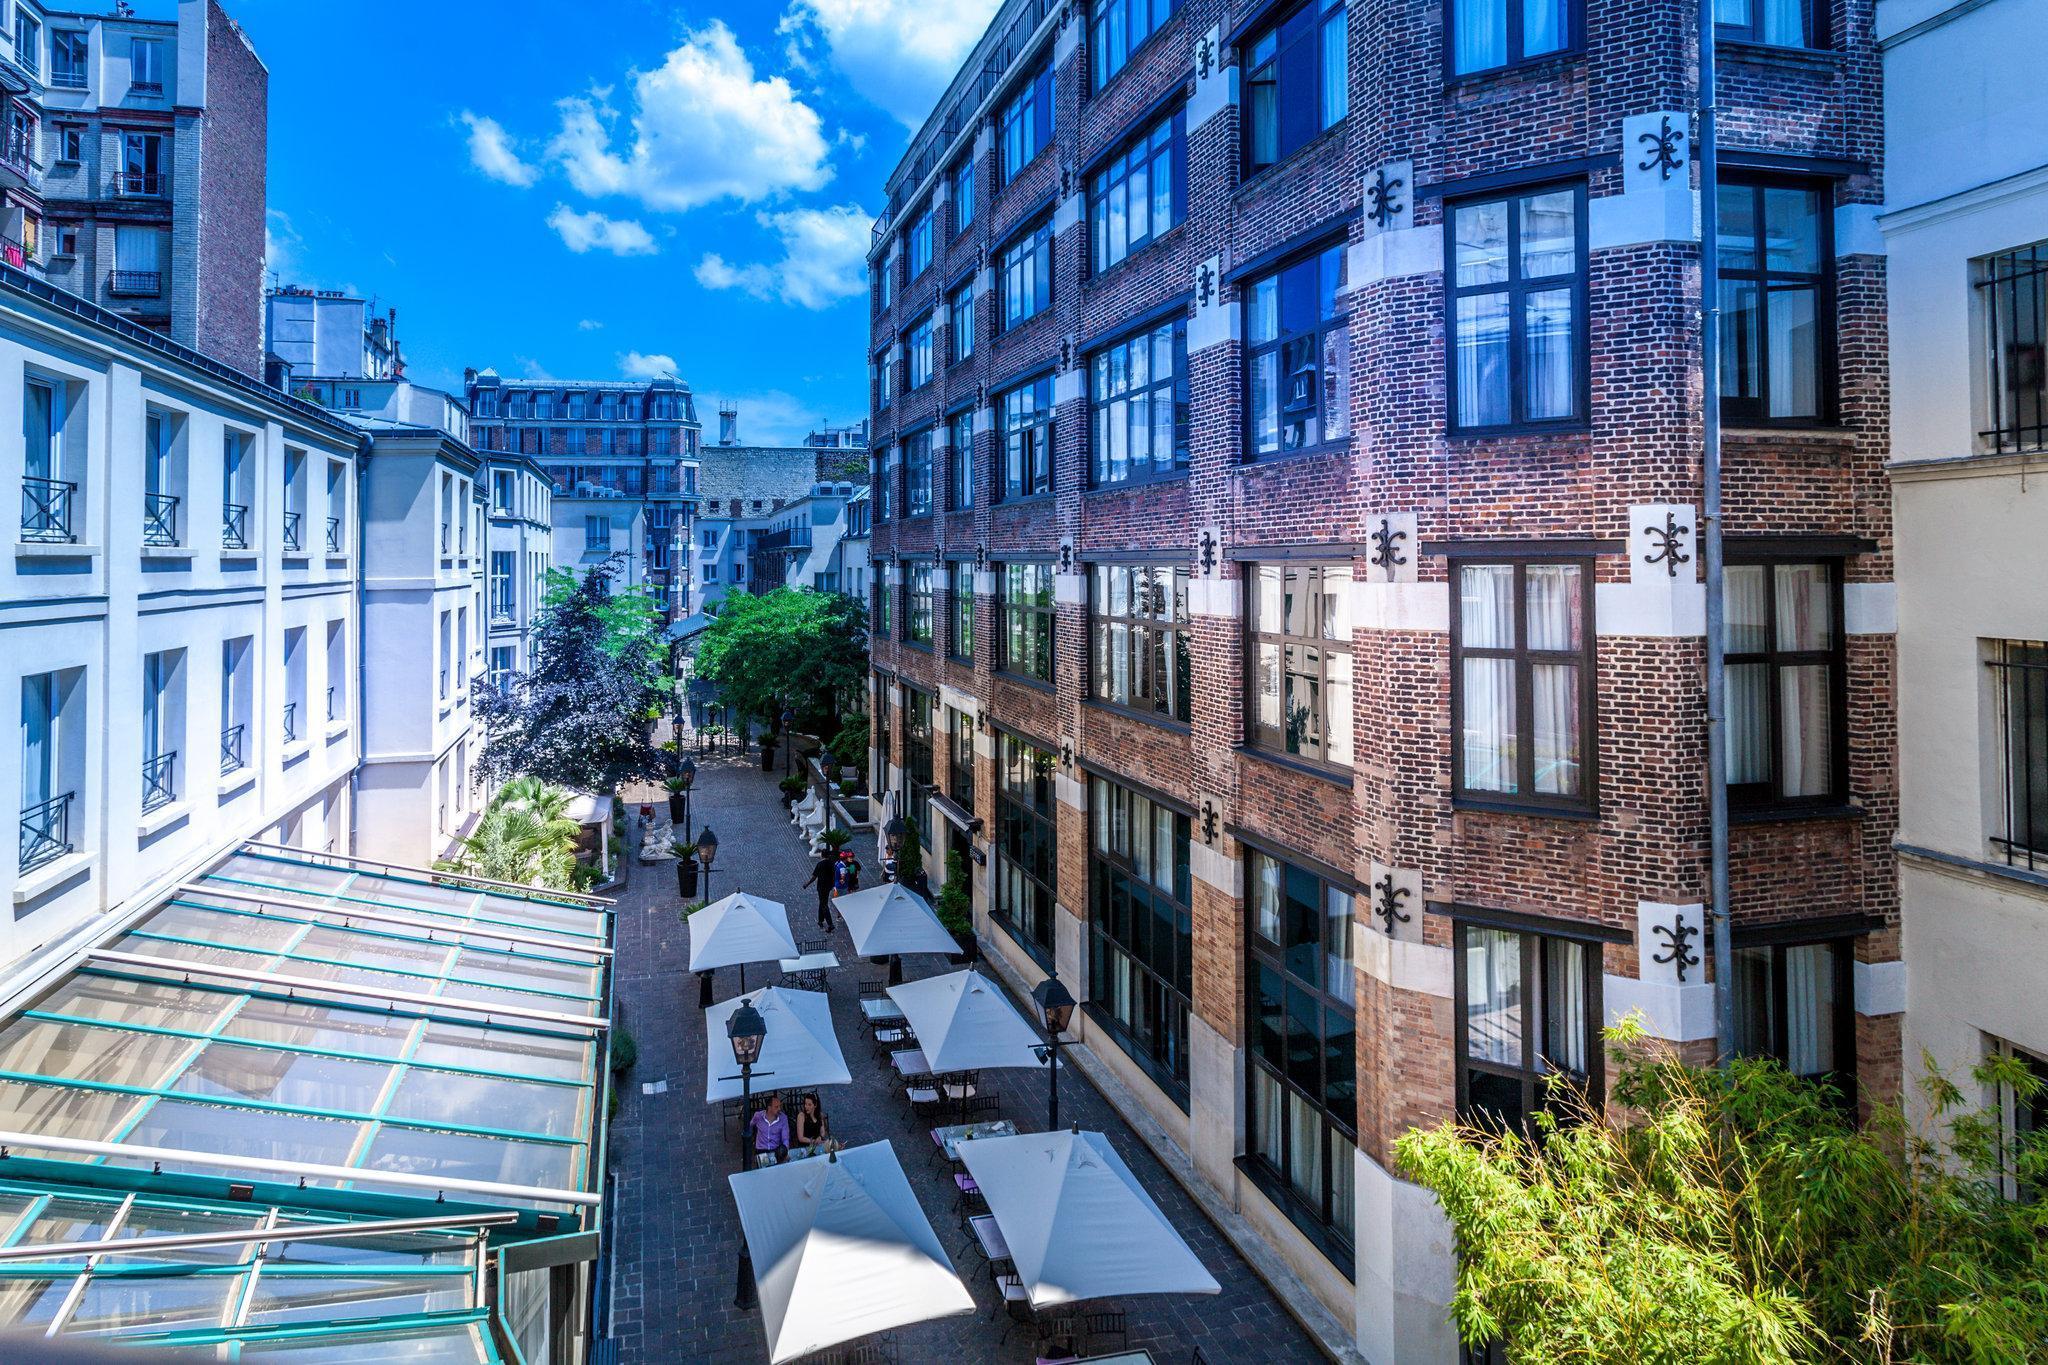 Les Jardins du Marais Hotel